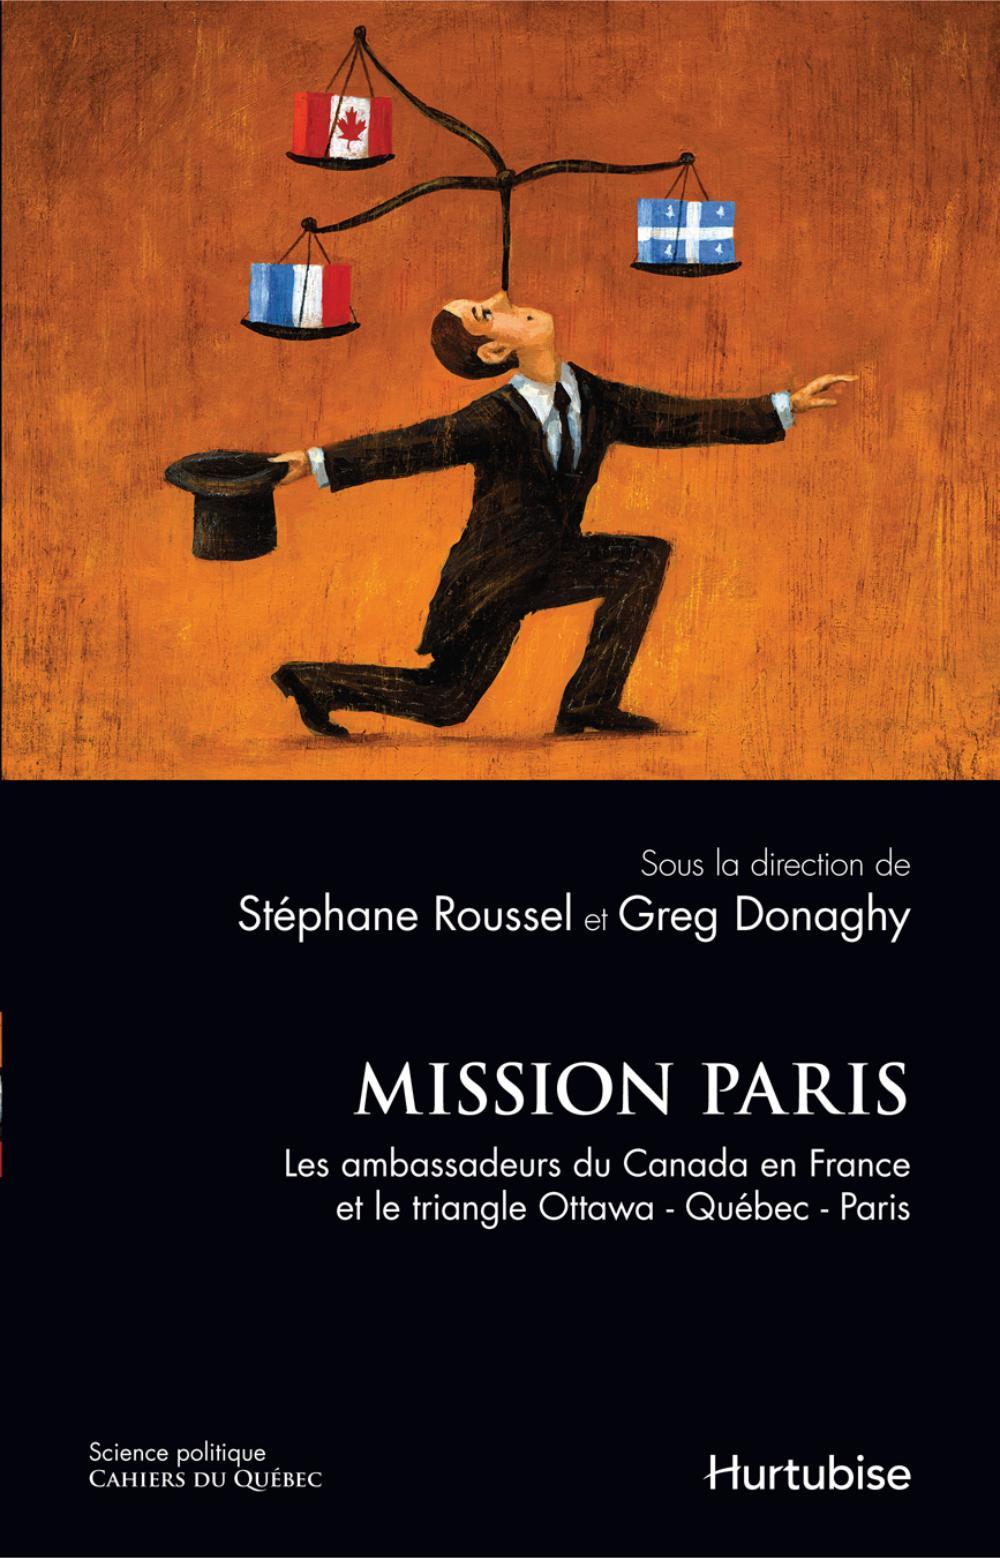 Mission Paris